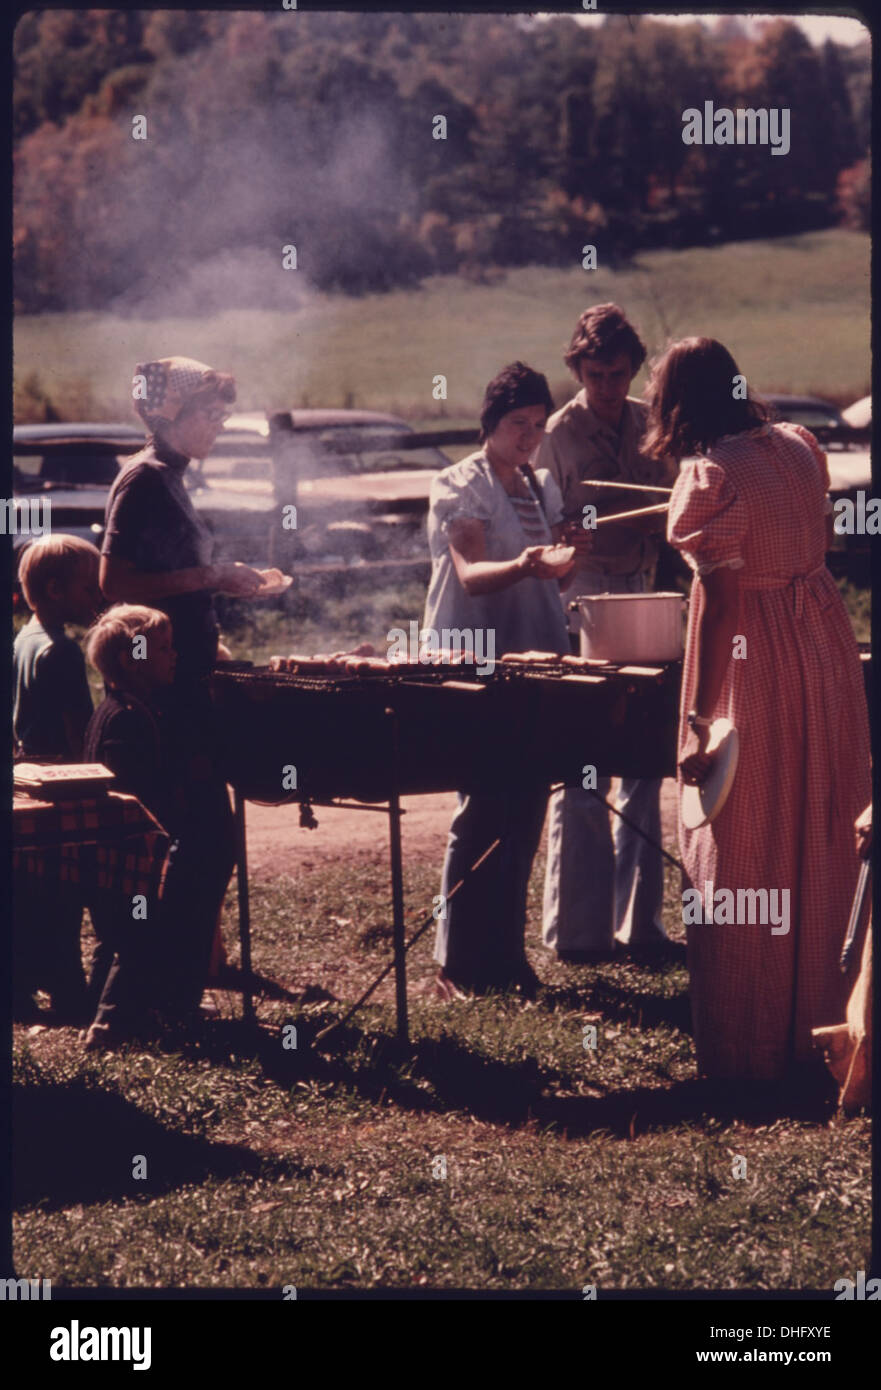 Comida sencilla murgas es servido por un empleado de la Western Reserve Historical Society en el Hale granja y occidental. 557934 Imagen De Stock